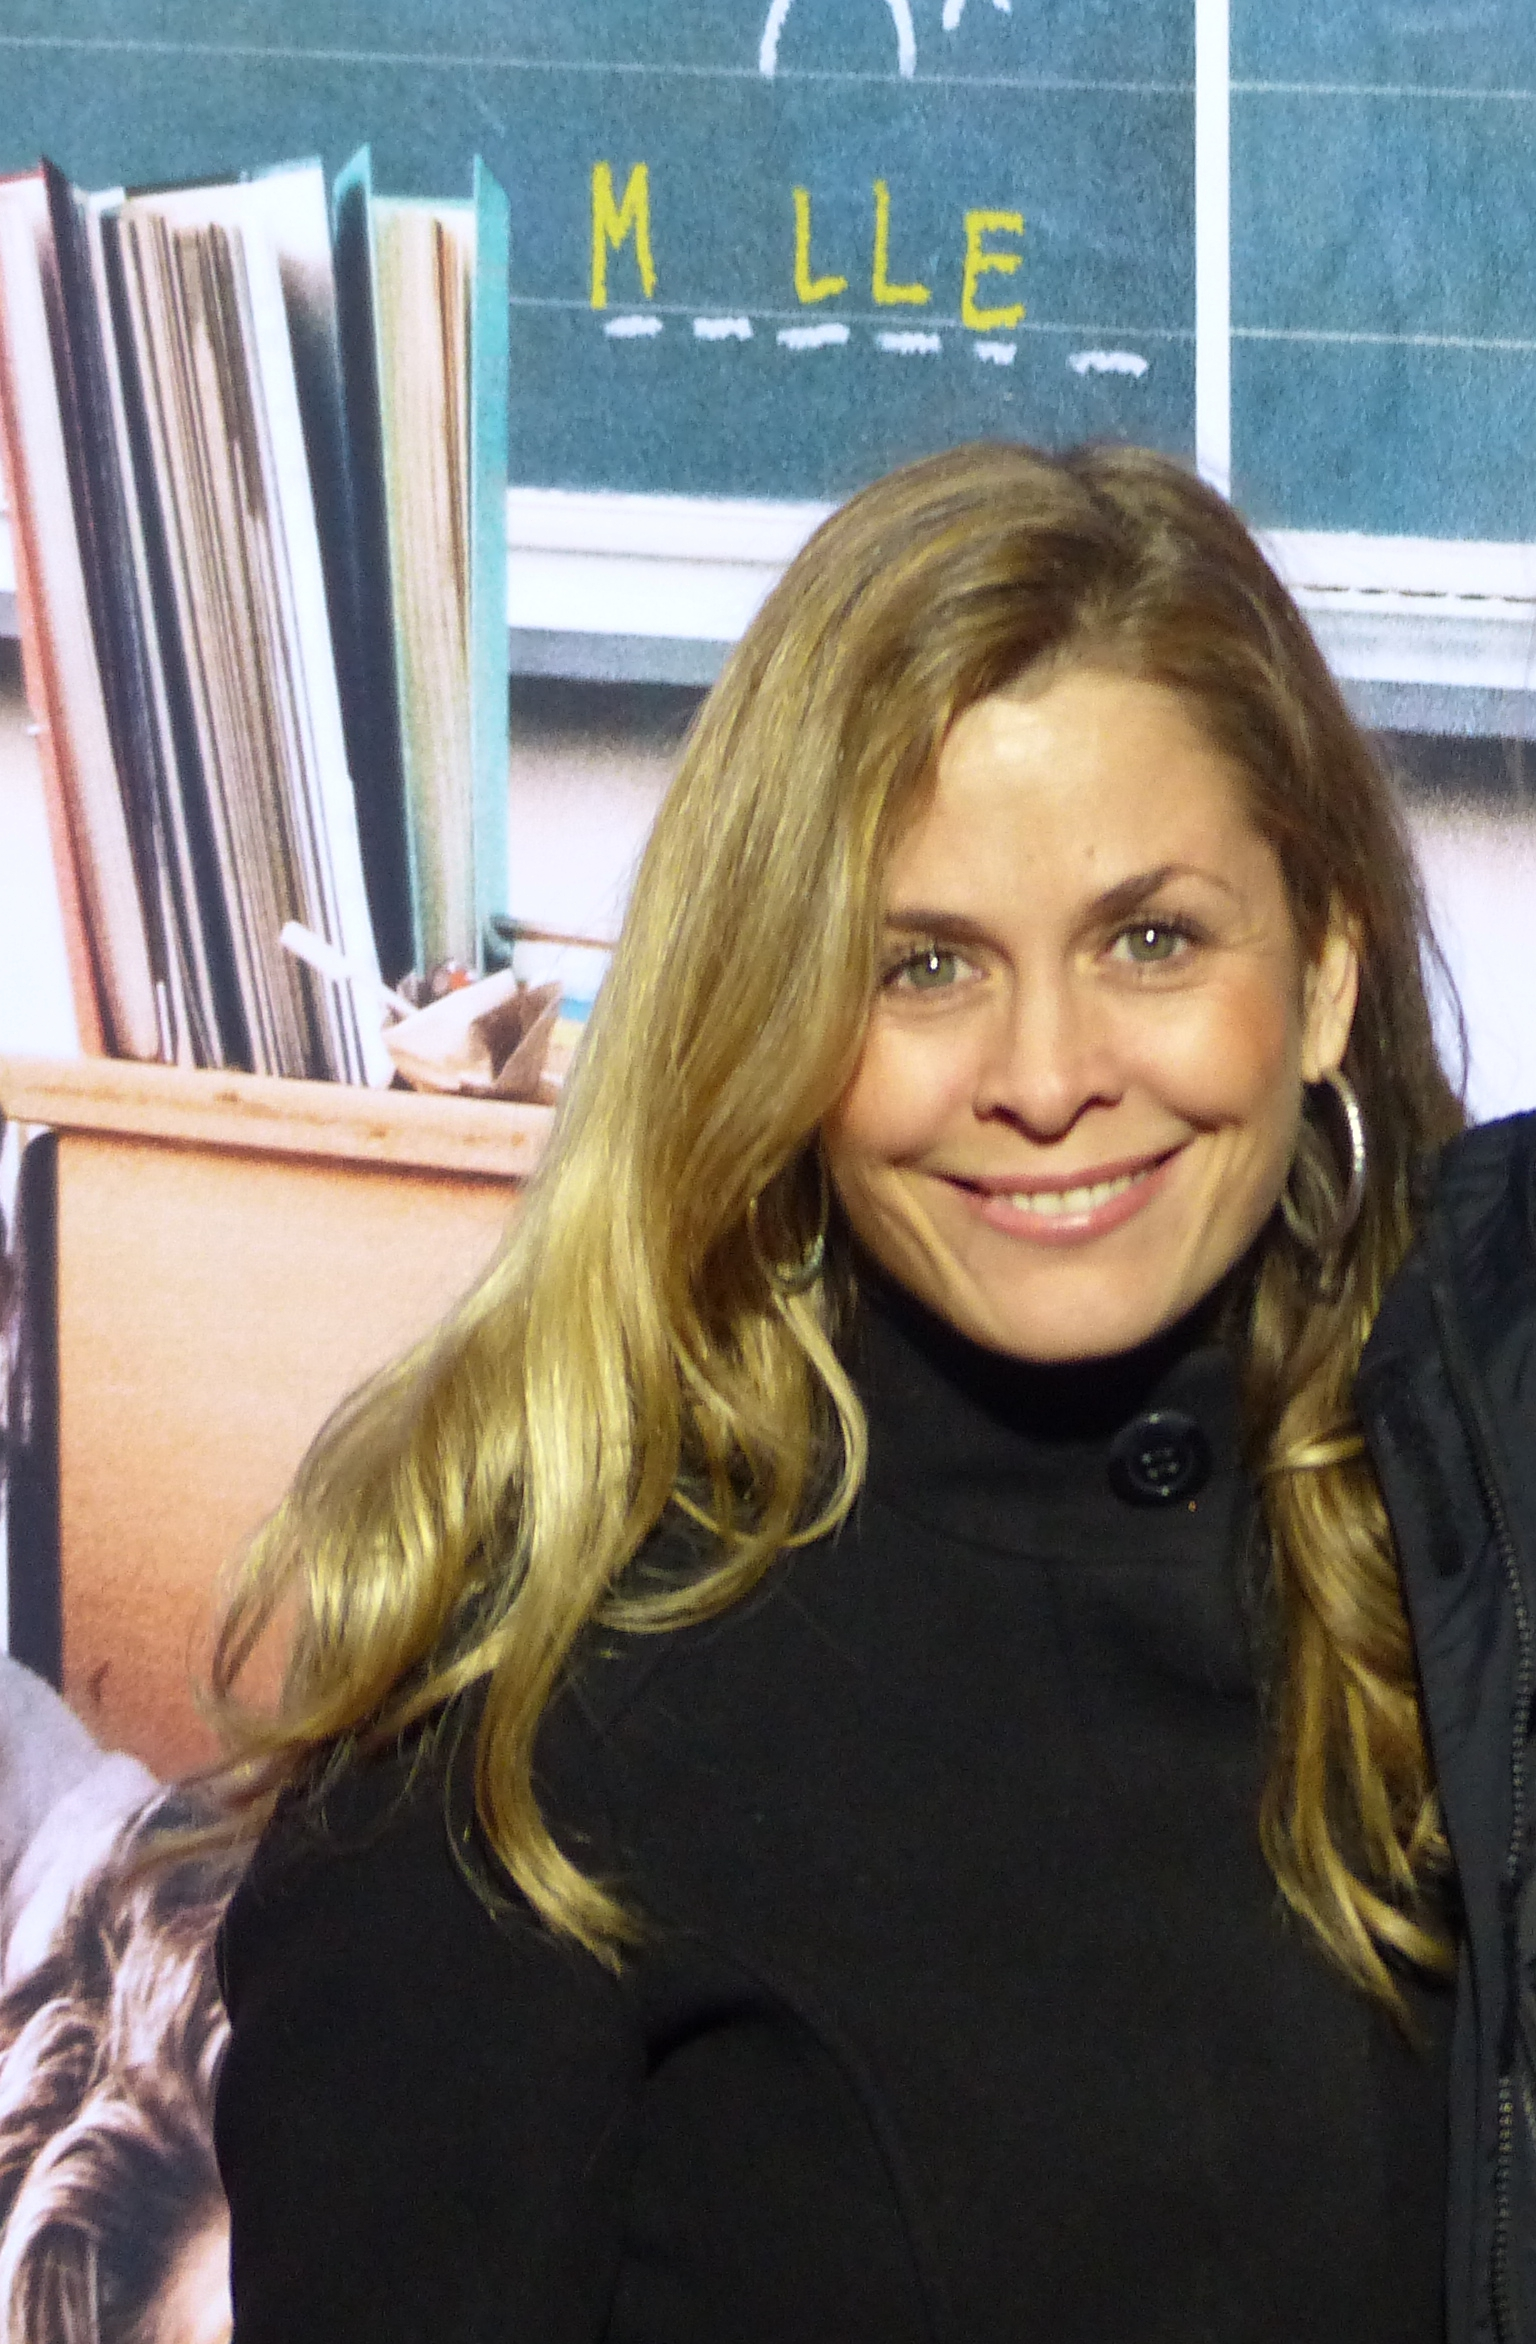 Tanja Lanäus - Wikipedia